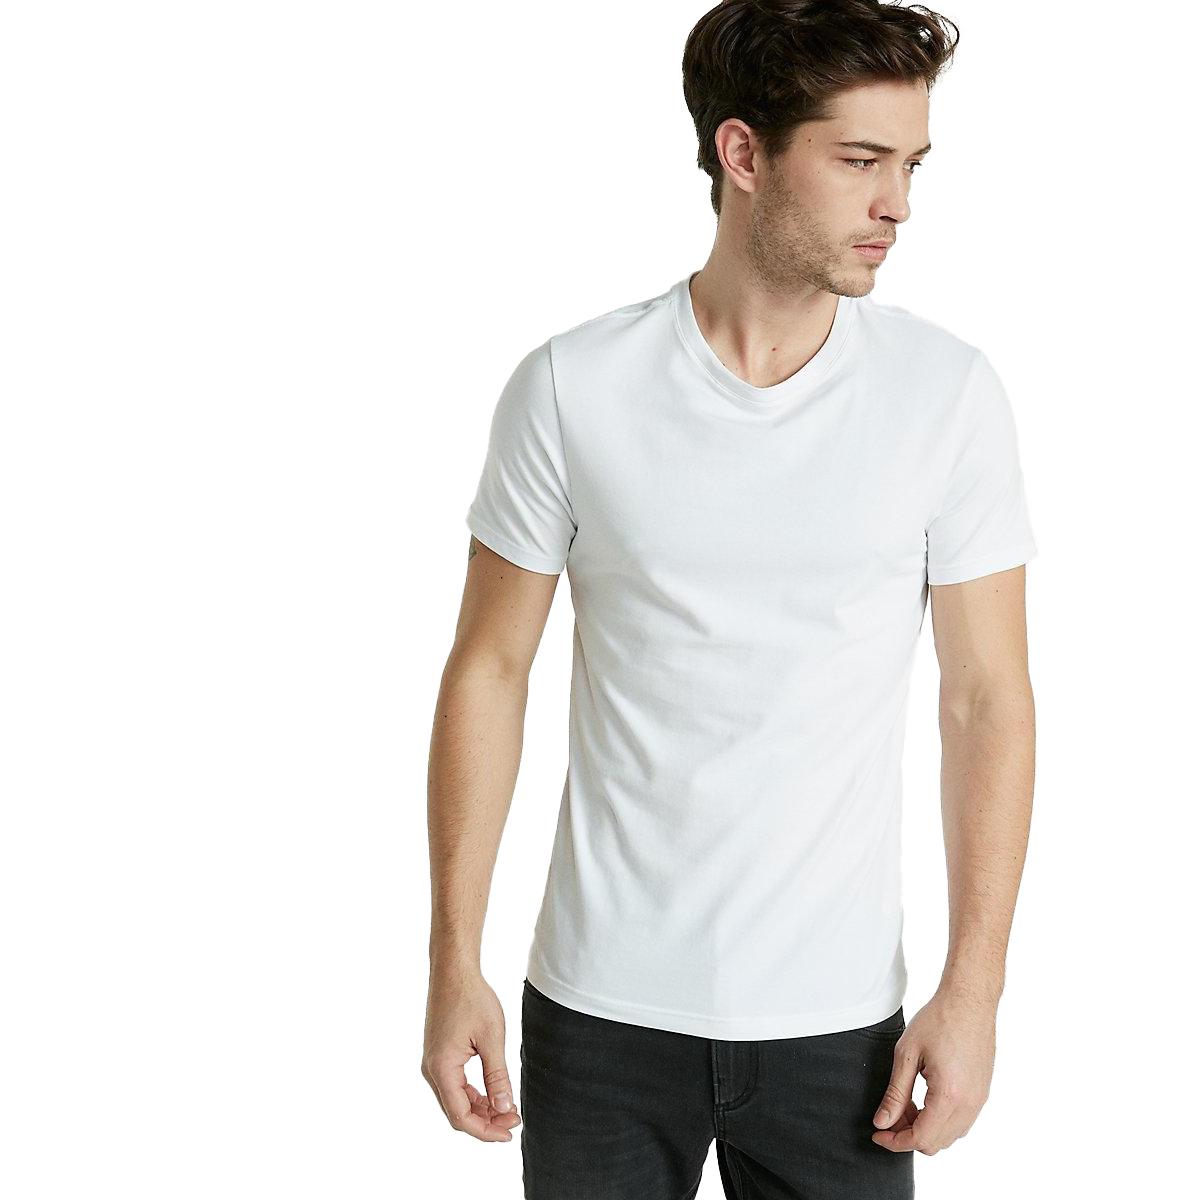 Round Neck Cotton TShirt for Men